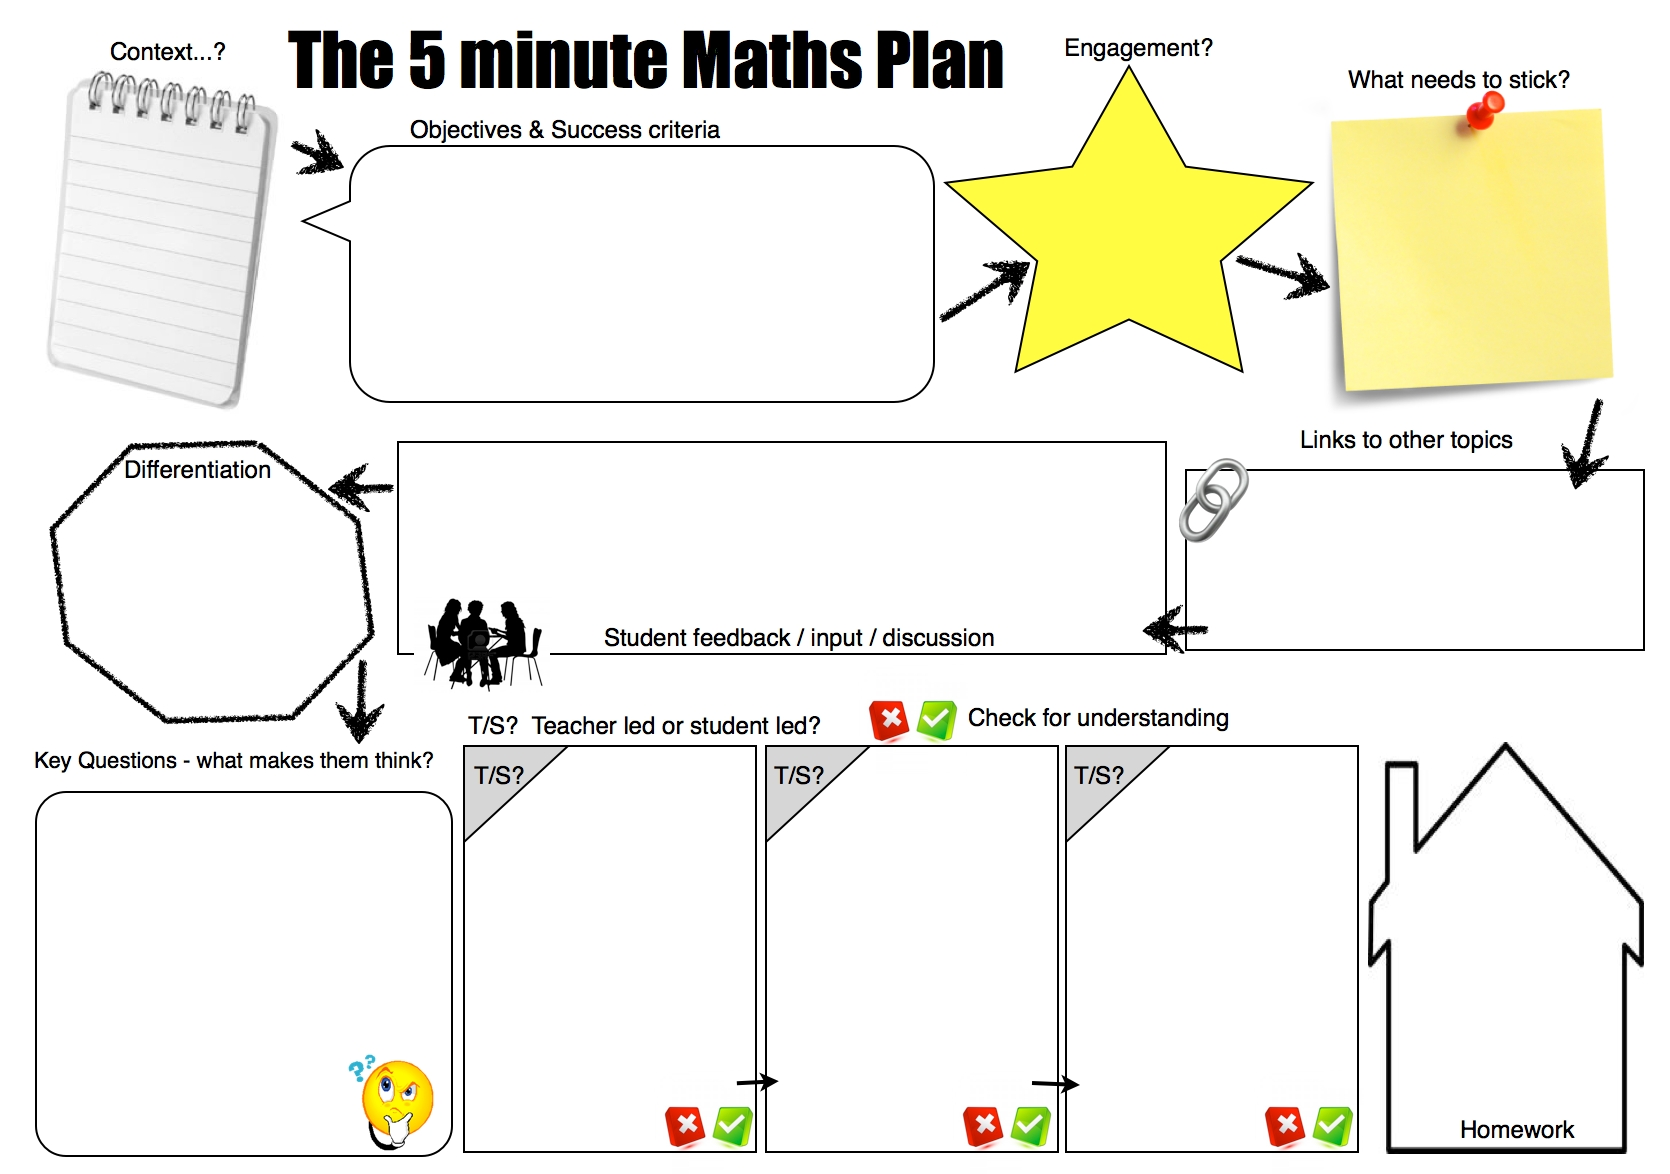 10 Unique 5 Minute Lesson Plan Ideas the 5 minute maths plan ilovemathsgames 2020